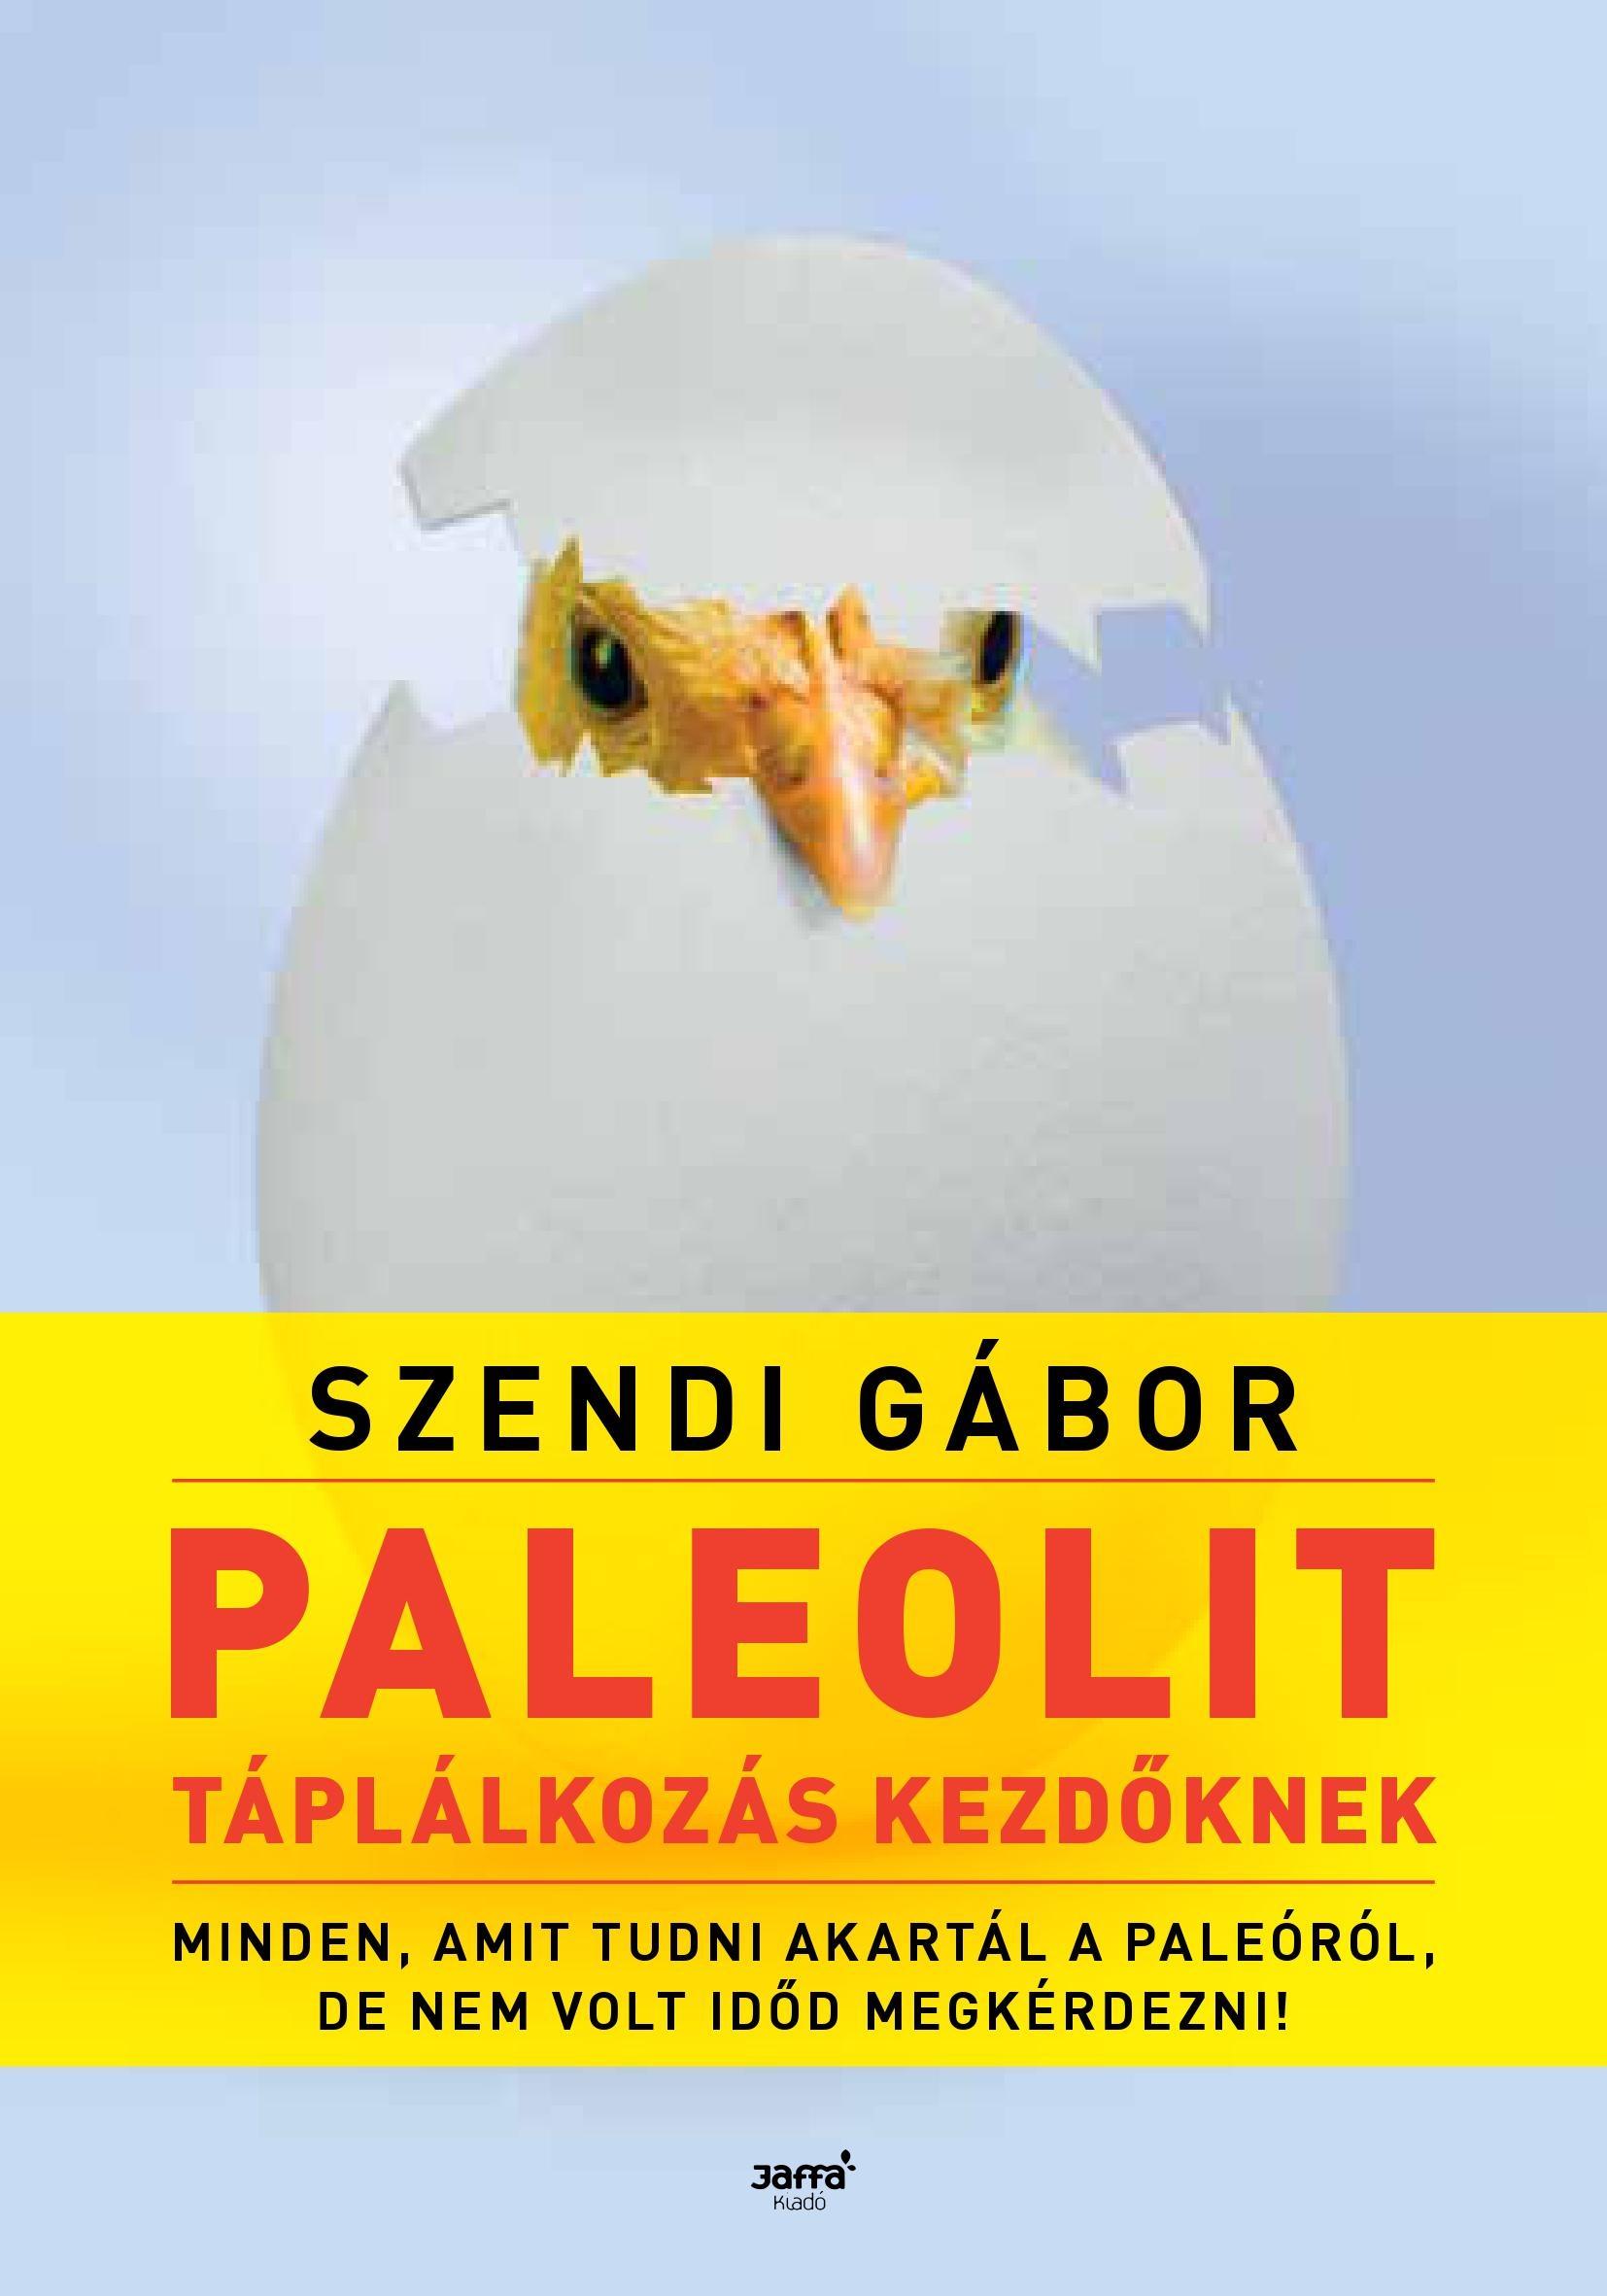 Szendi Gábor - Paleolit táplálkozás kezdőknek - második kiadás